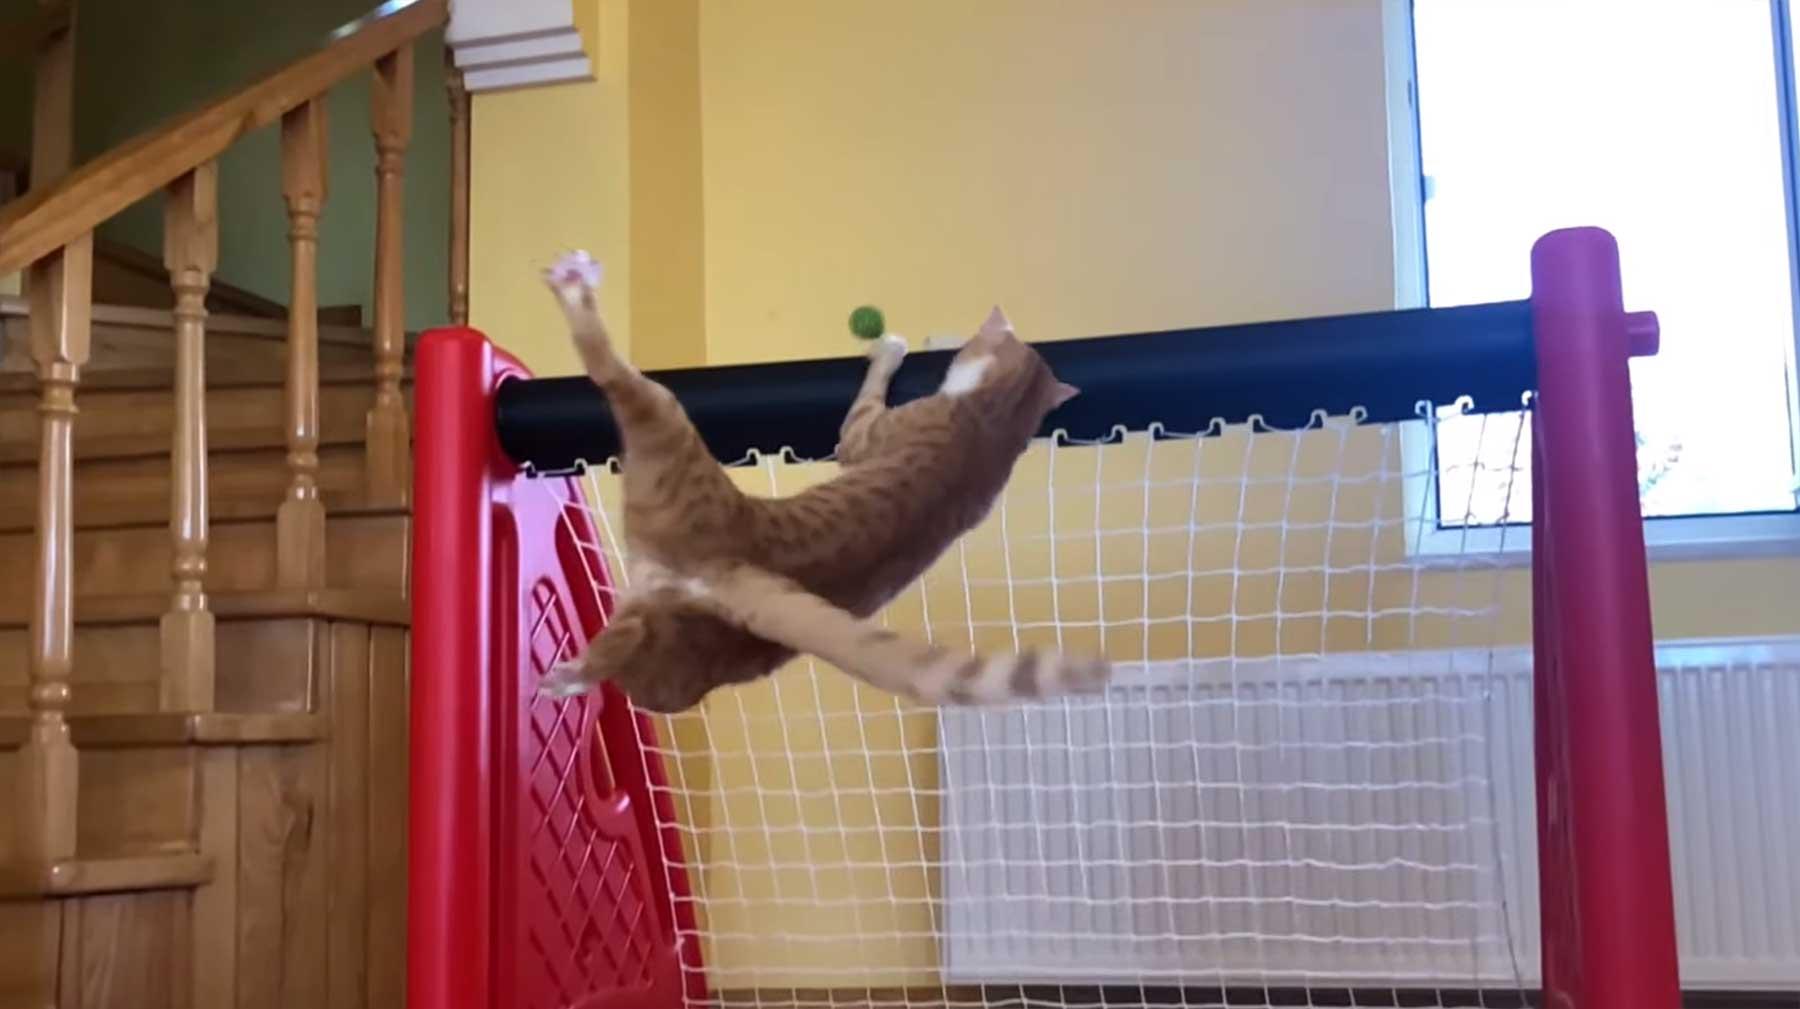 Nur eine Torhüter-Katze, die ihren Kasten sauber hält